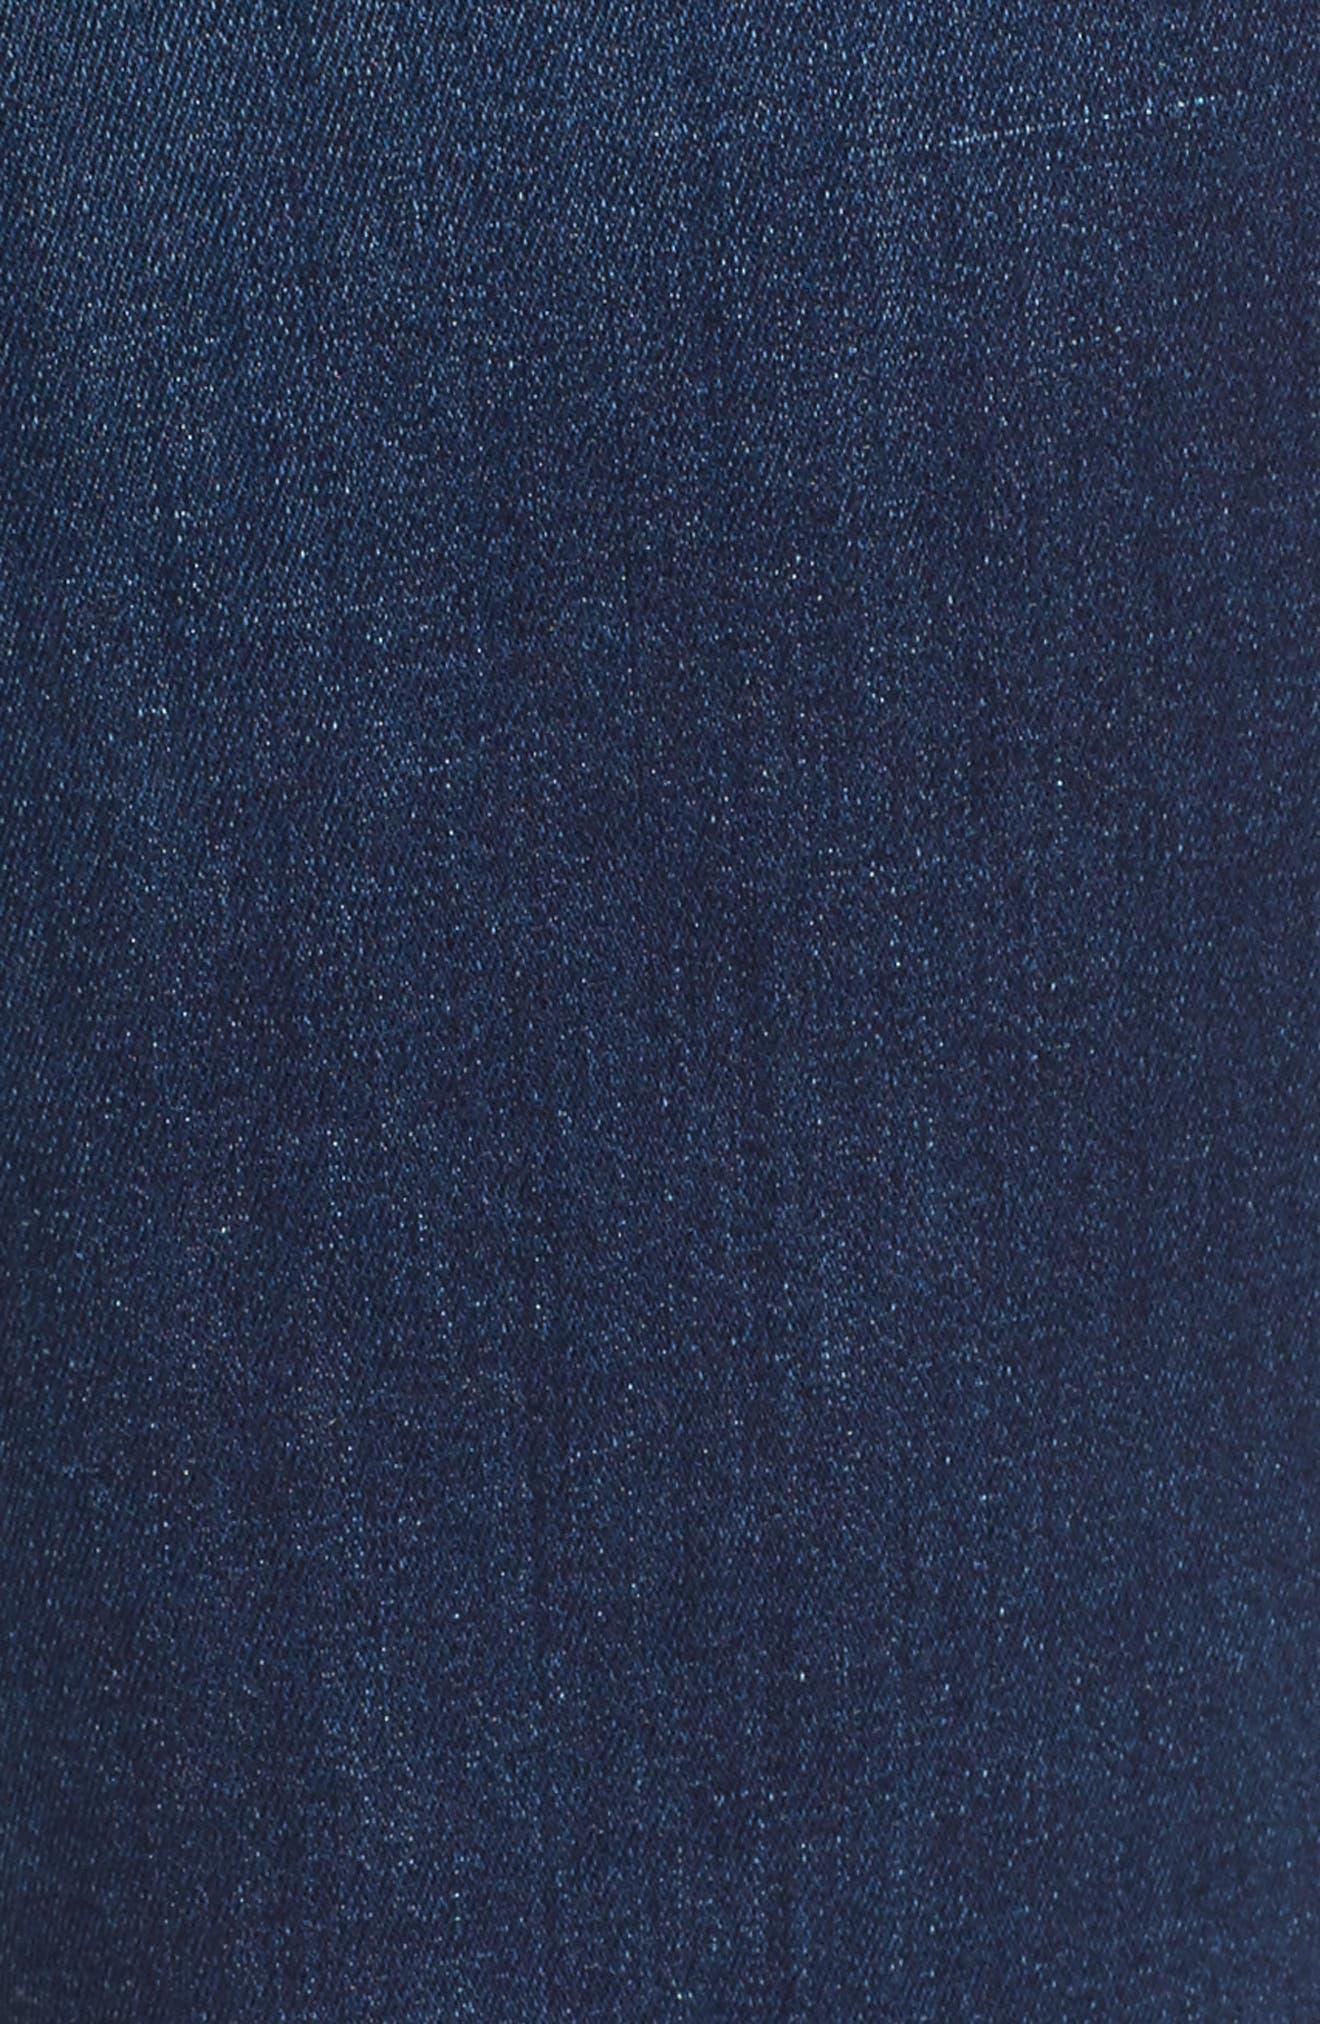 Slim Bootcut Jeans,                             Alternate thumbnail 5, color,                             Riche Touch Medium Blue